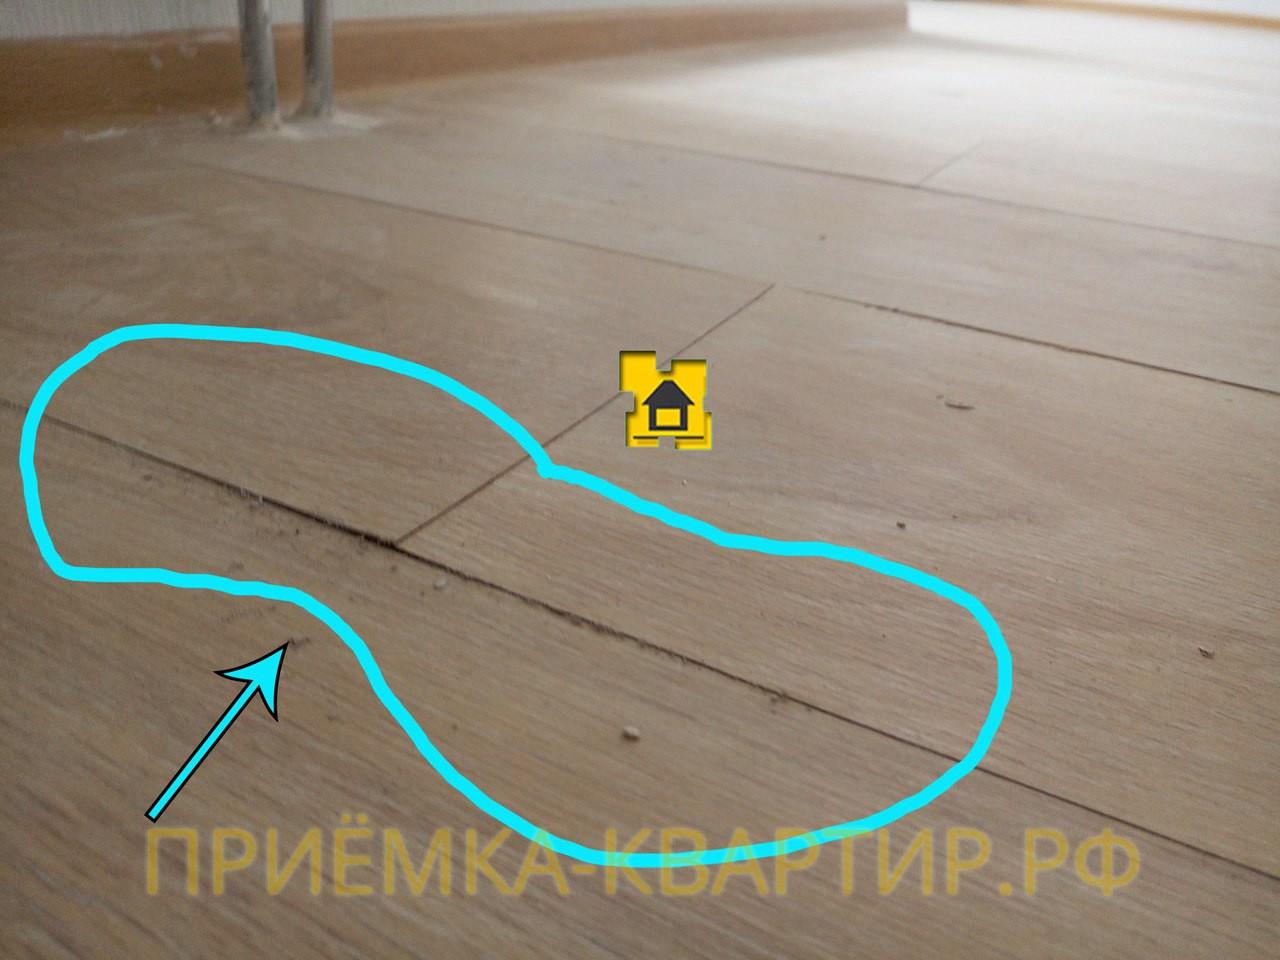 Приёмка квартиры в ЖК Новое Мурино: Дефекты по напольному покрытию, скорее всего, была протечка в коммуникации и от воды поднялся ламинат